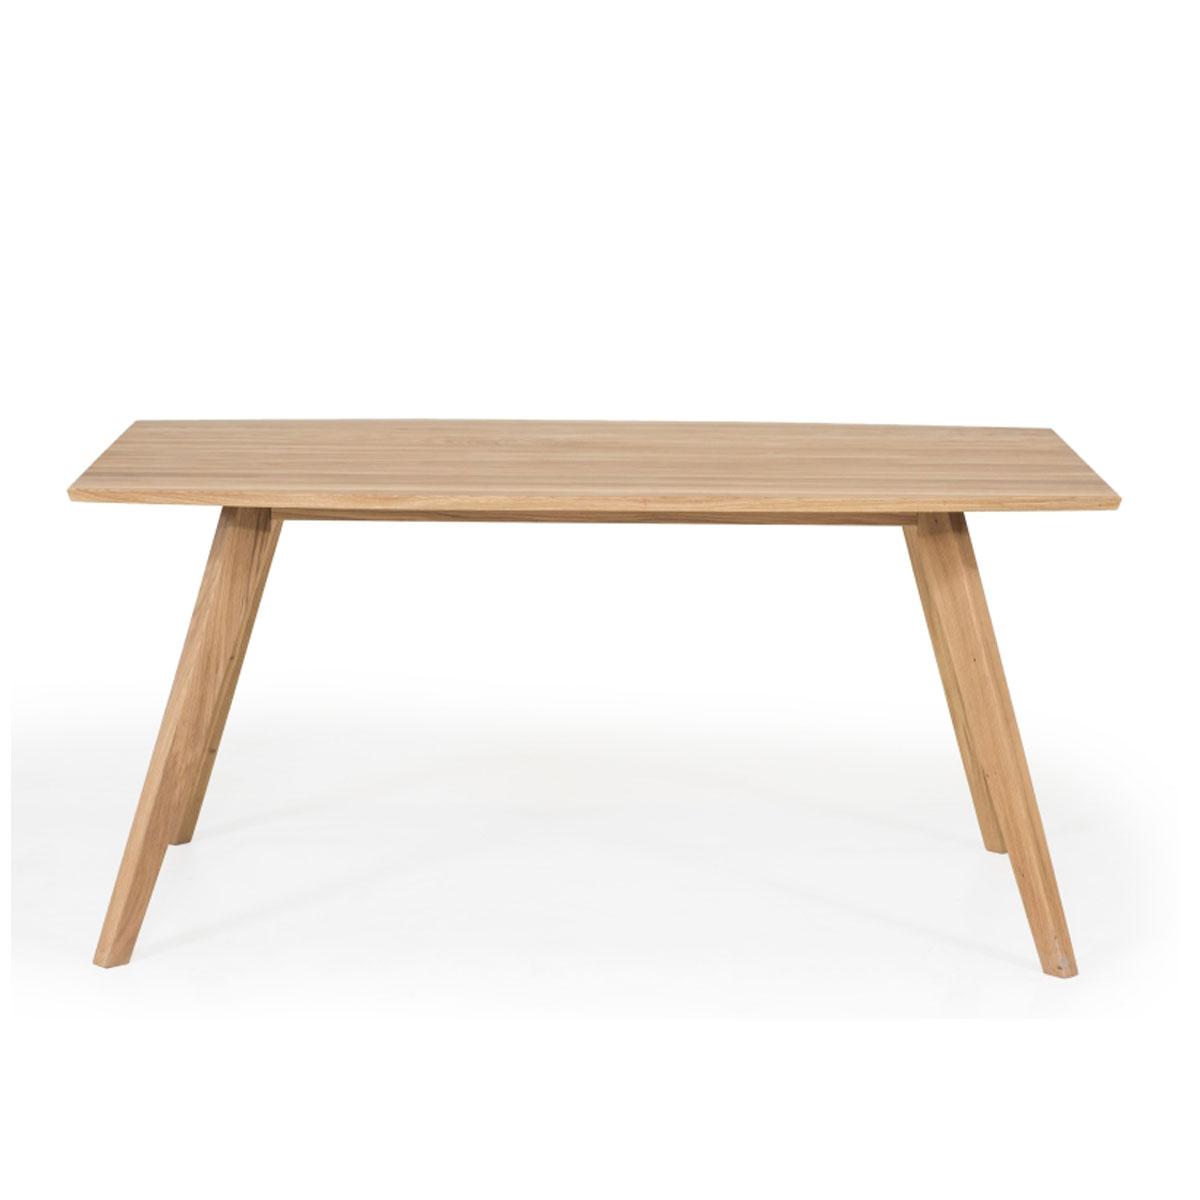 Standard Furniture Factory Esstisch Trondheim ca. 160x 90 cm Holztisch in Eiche geölt Massivholz rechteckig für Esszimmer und Küche